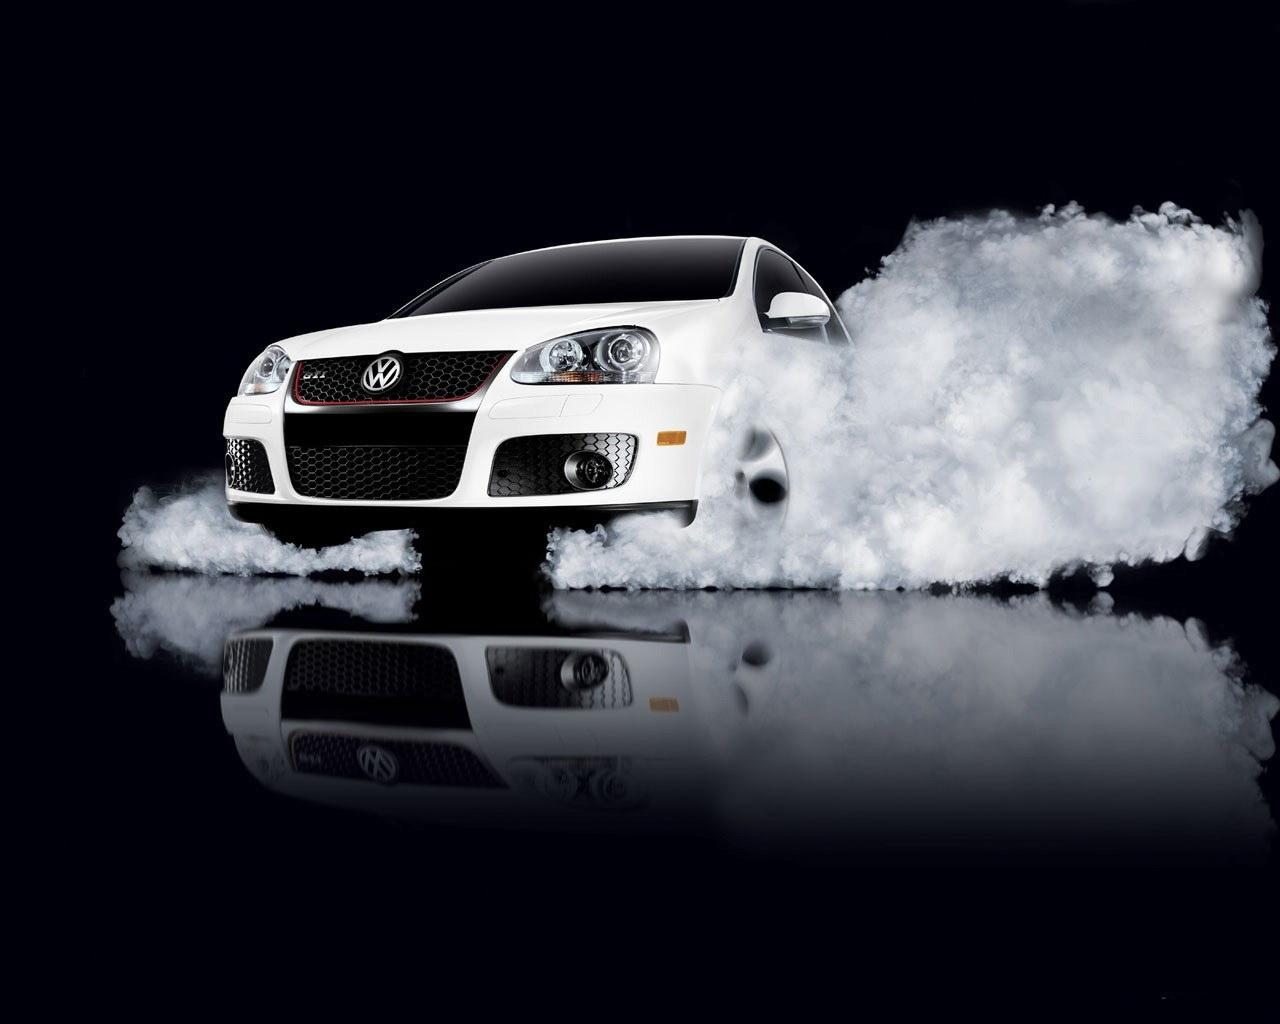 Handy-Wallpaper Transport, Auto, Raucher, Volkswagen kostenlos herunterladen.